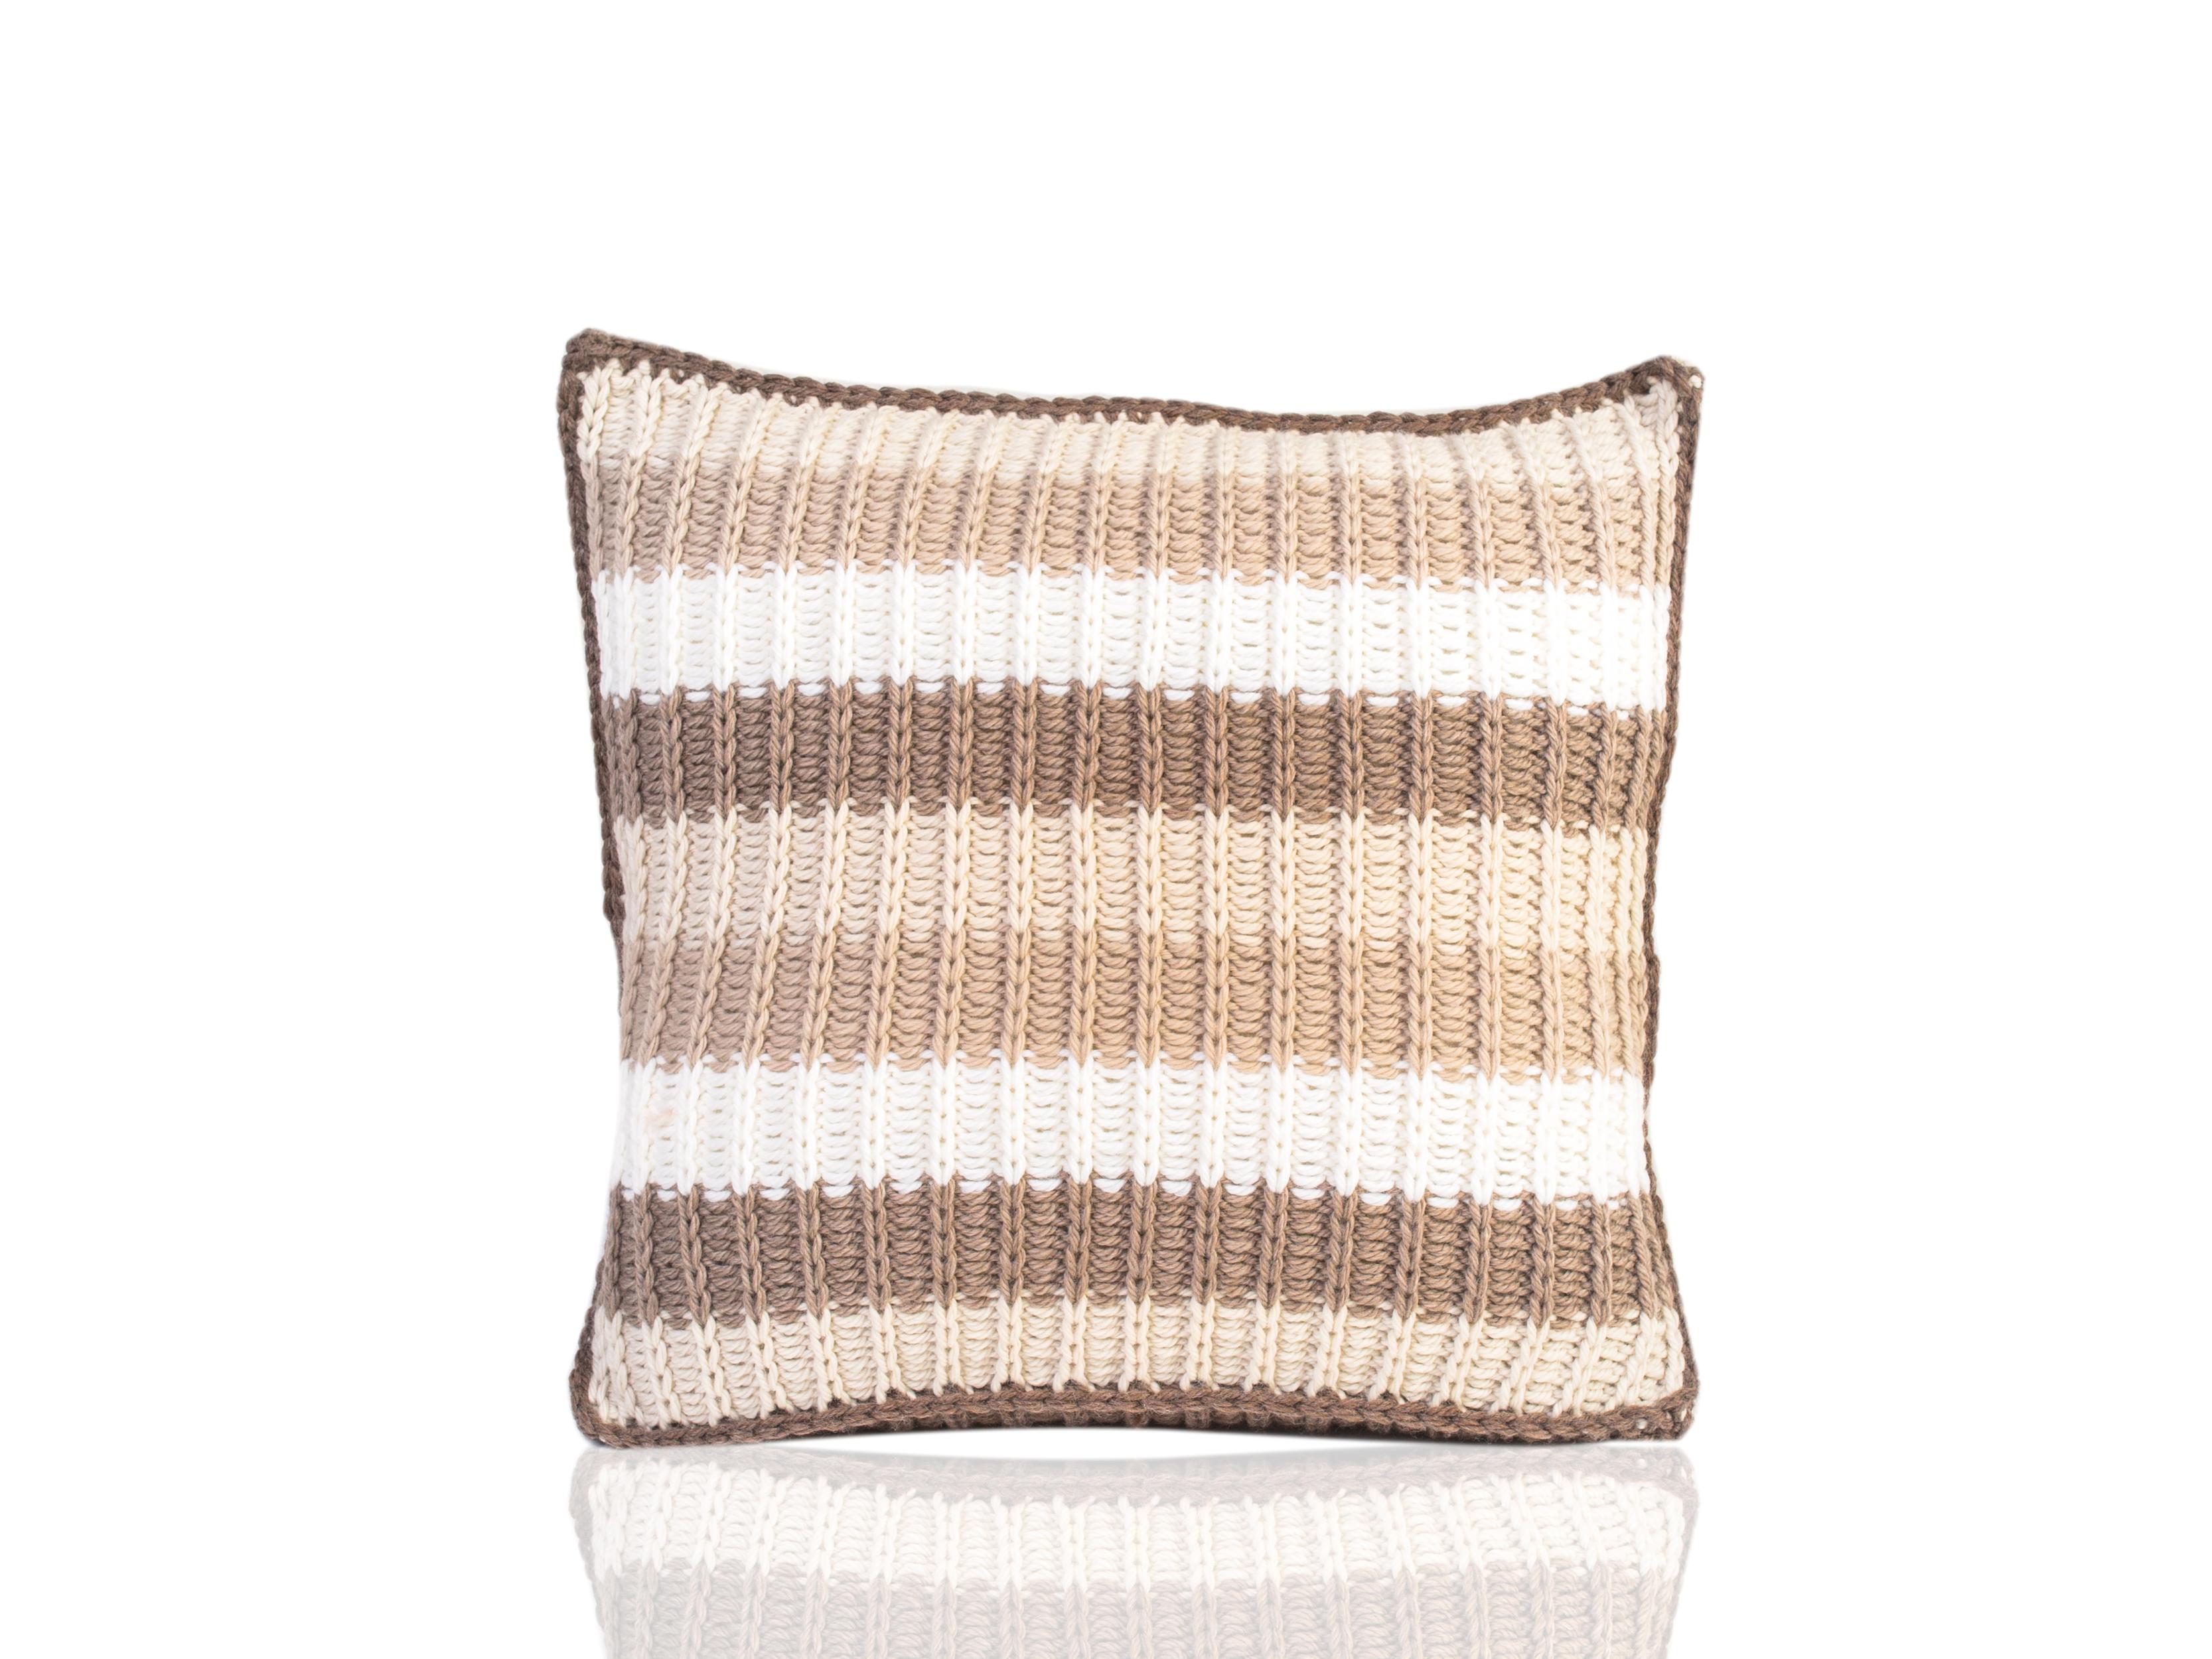 Подушка IrtyshКвадратные подушки и наволочки<br>Иртыш - вязаная диванная подушка ручной работы - сделана из высококачественных материалов в Барселоне, Испания. Яркая, мягкая и красивая, эта вещь в традиционном стиле добавит комфорта и уюта любому домашнему декору.&amp;amp;nbsp;&amp;lt;div&amp;gt;&amp;lt;br&amp;gt;&amp;lt;/div&amp;gt;&amp;lt;div&amp;gt;Состав наволочки: 55% шерсть мериноса / 45% акрил&amp;amp;nbsp;&amp;lt;/div&amp;gt;&amp;lt;div&amp;gt;Наполнитель (вынимающаяся подушка): 100% полиэстер&amp;amp;nbsp;&amp;lt;/div&amp;gt;<br><br>Material: Шерсть<br>Width см: 40<br>Depth см: 10<br>Height см: 40